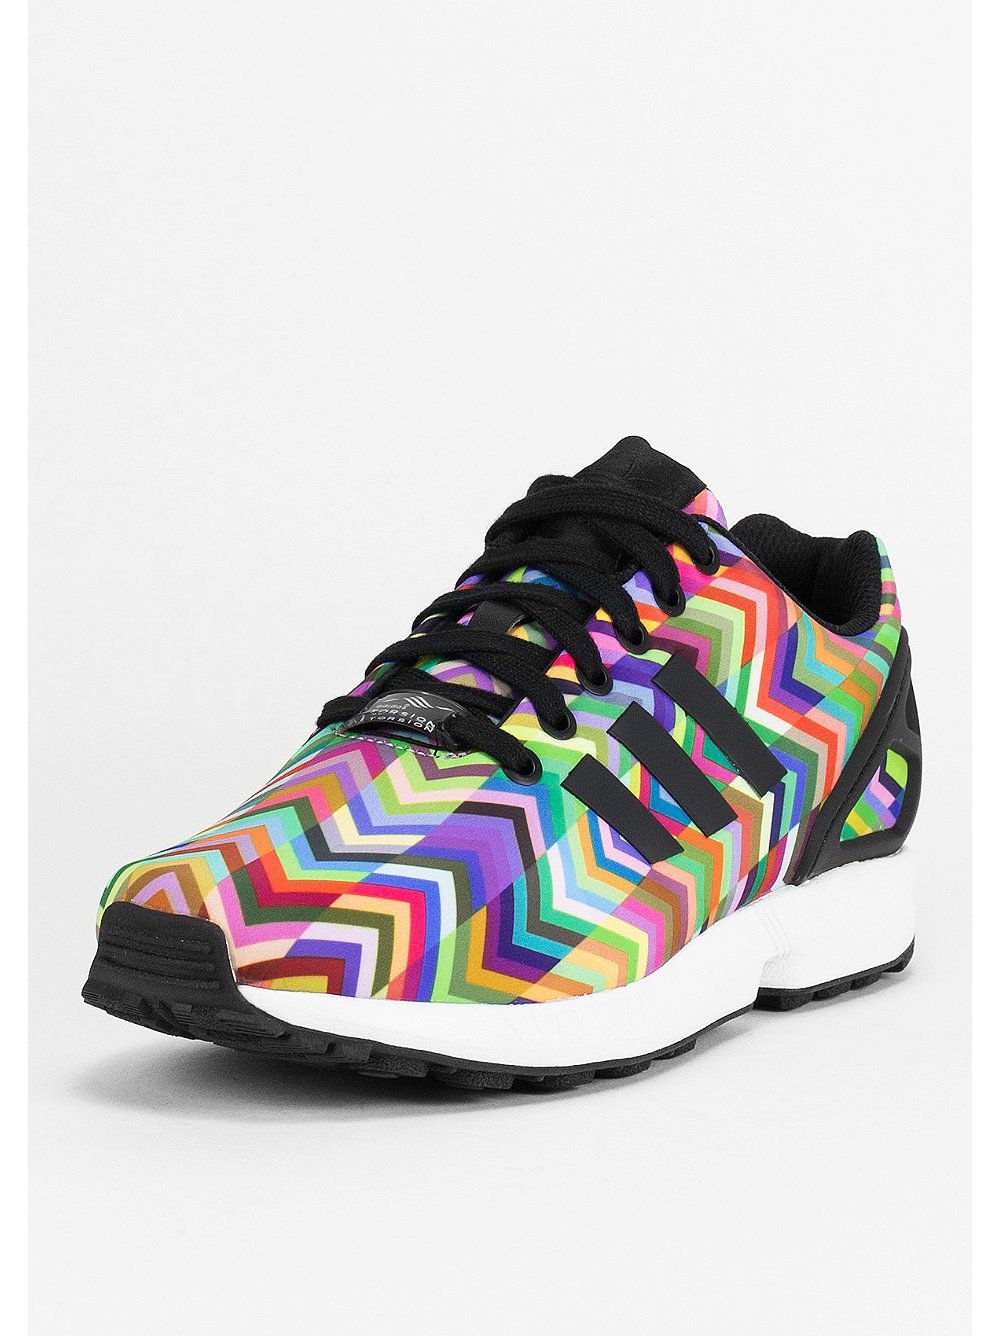 c6fb3902c6877 Adidas ZX FLUX multicolor